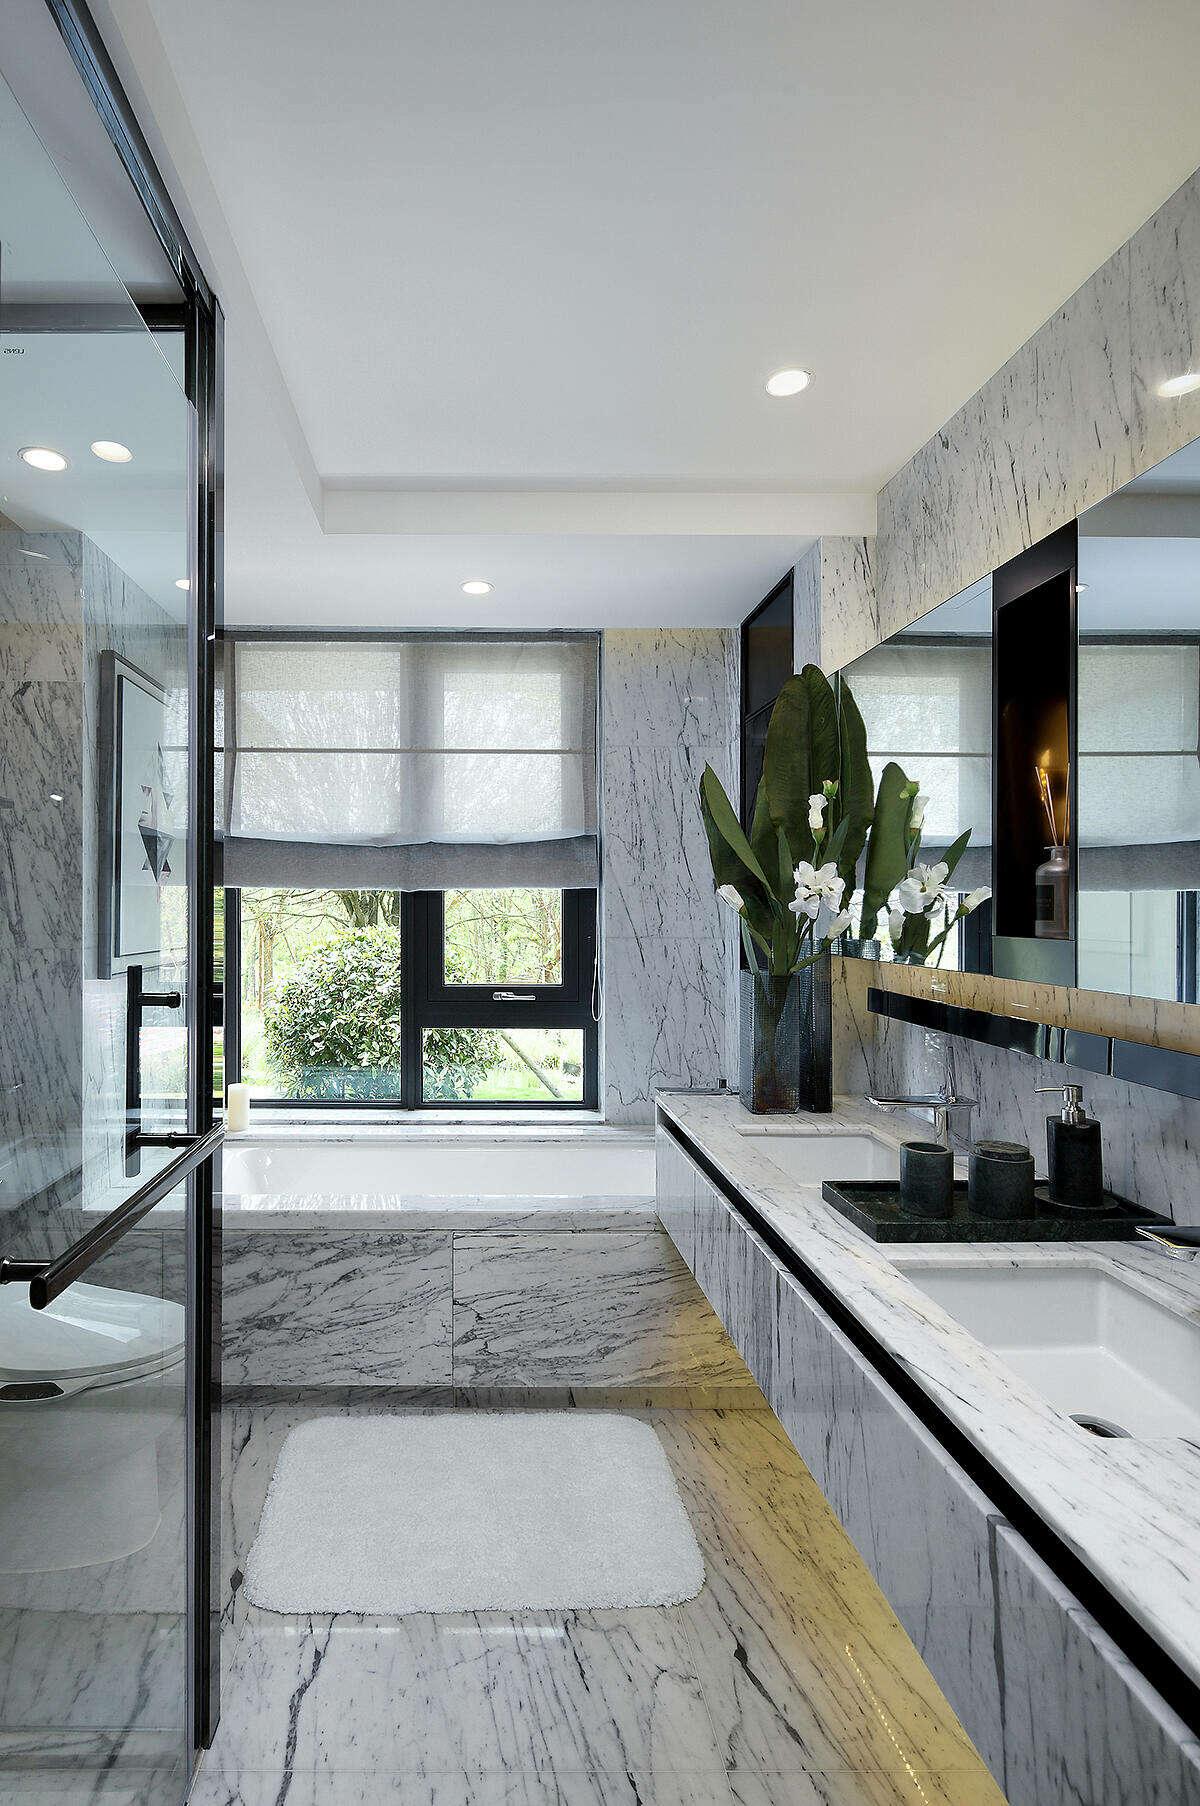 Apartment in Chongqing by Shenzhen Qianxun Decorative Art and Design Co.